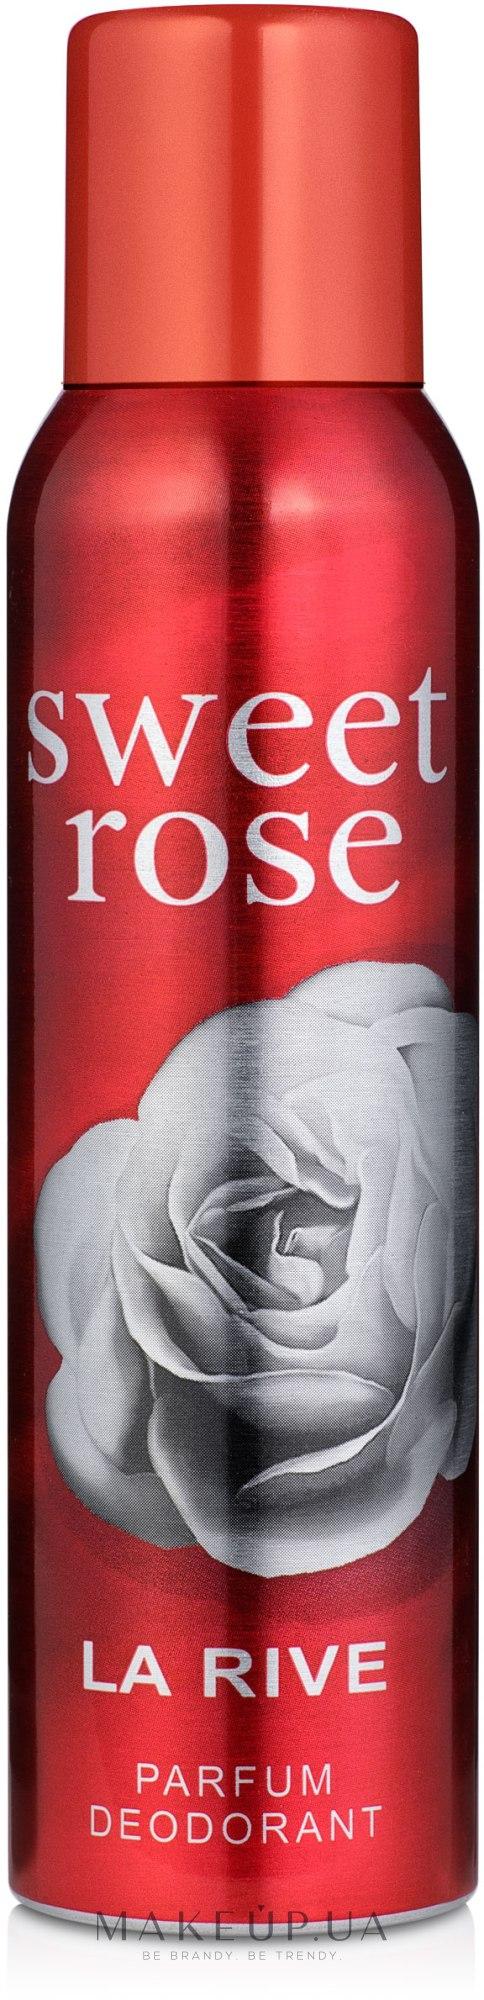 La Rive Sweet Rose - Дезодорант — фото 150ml